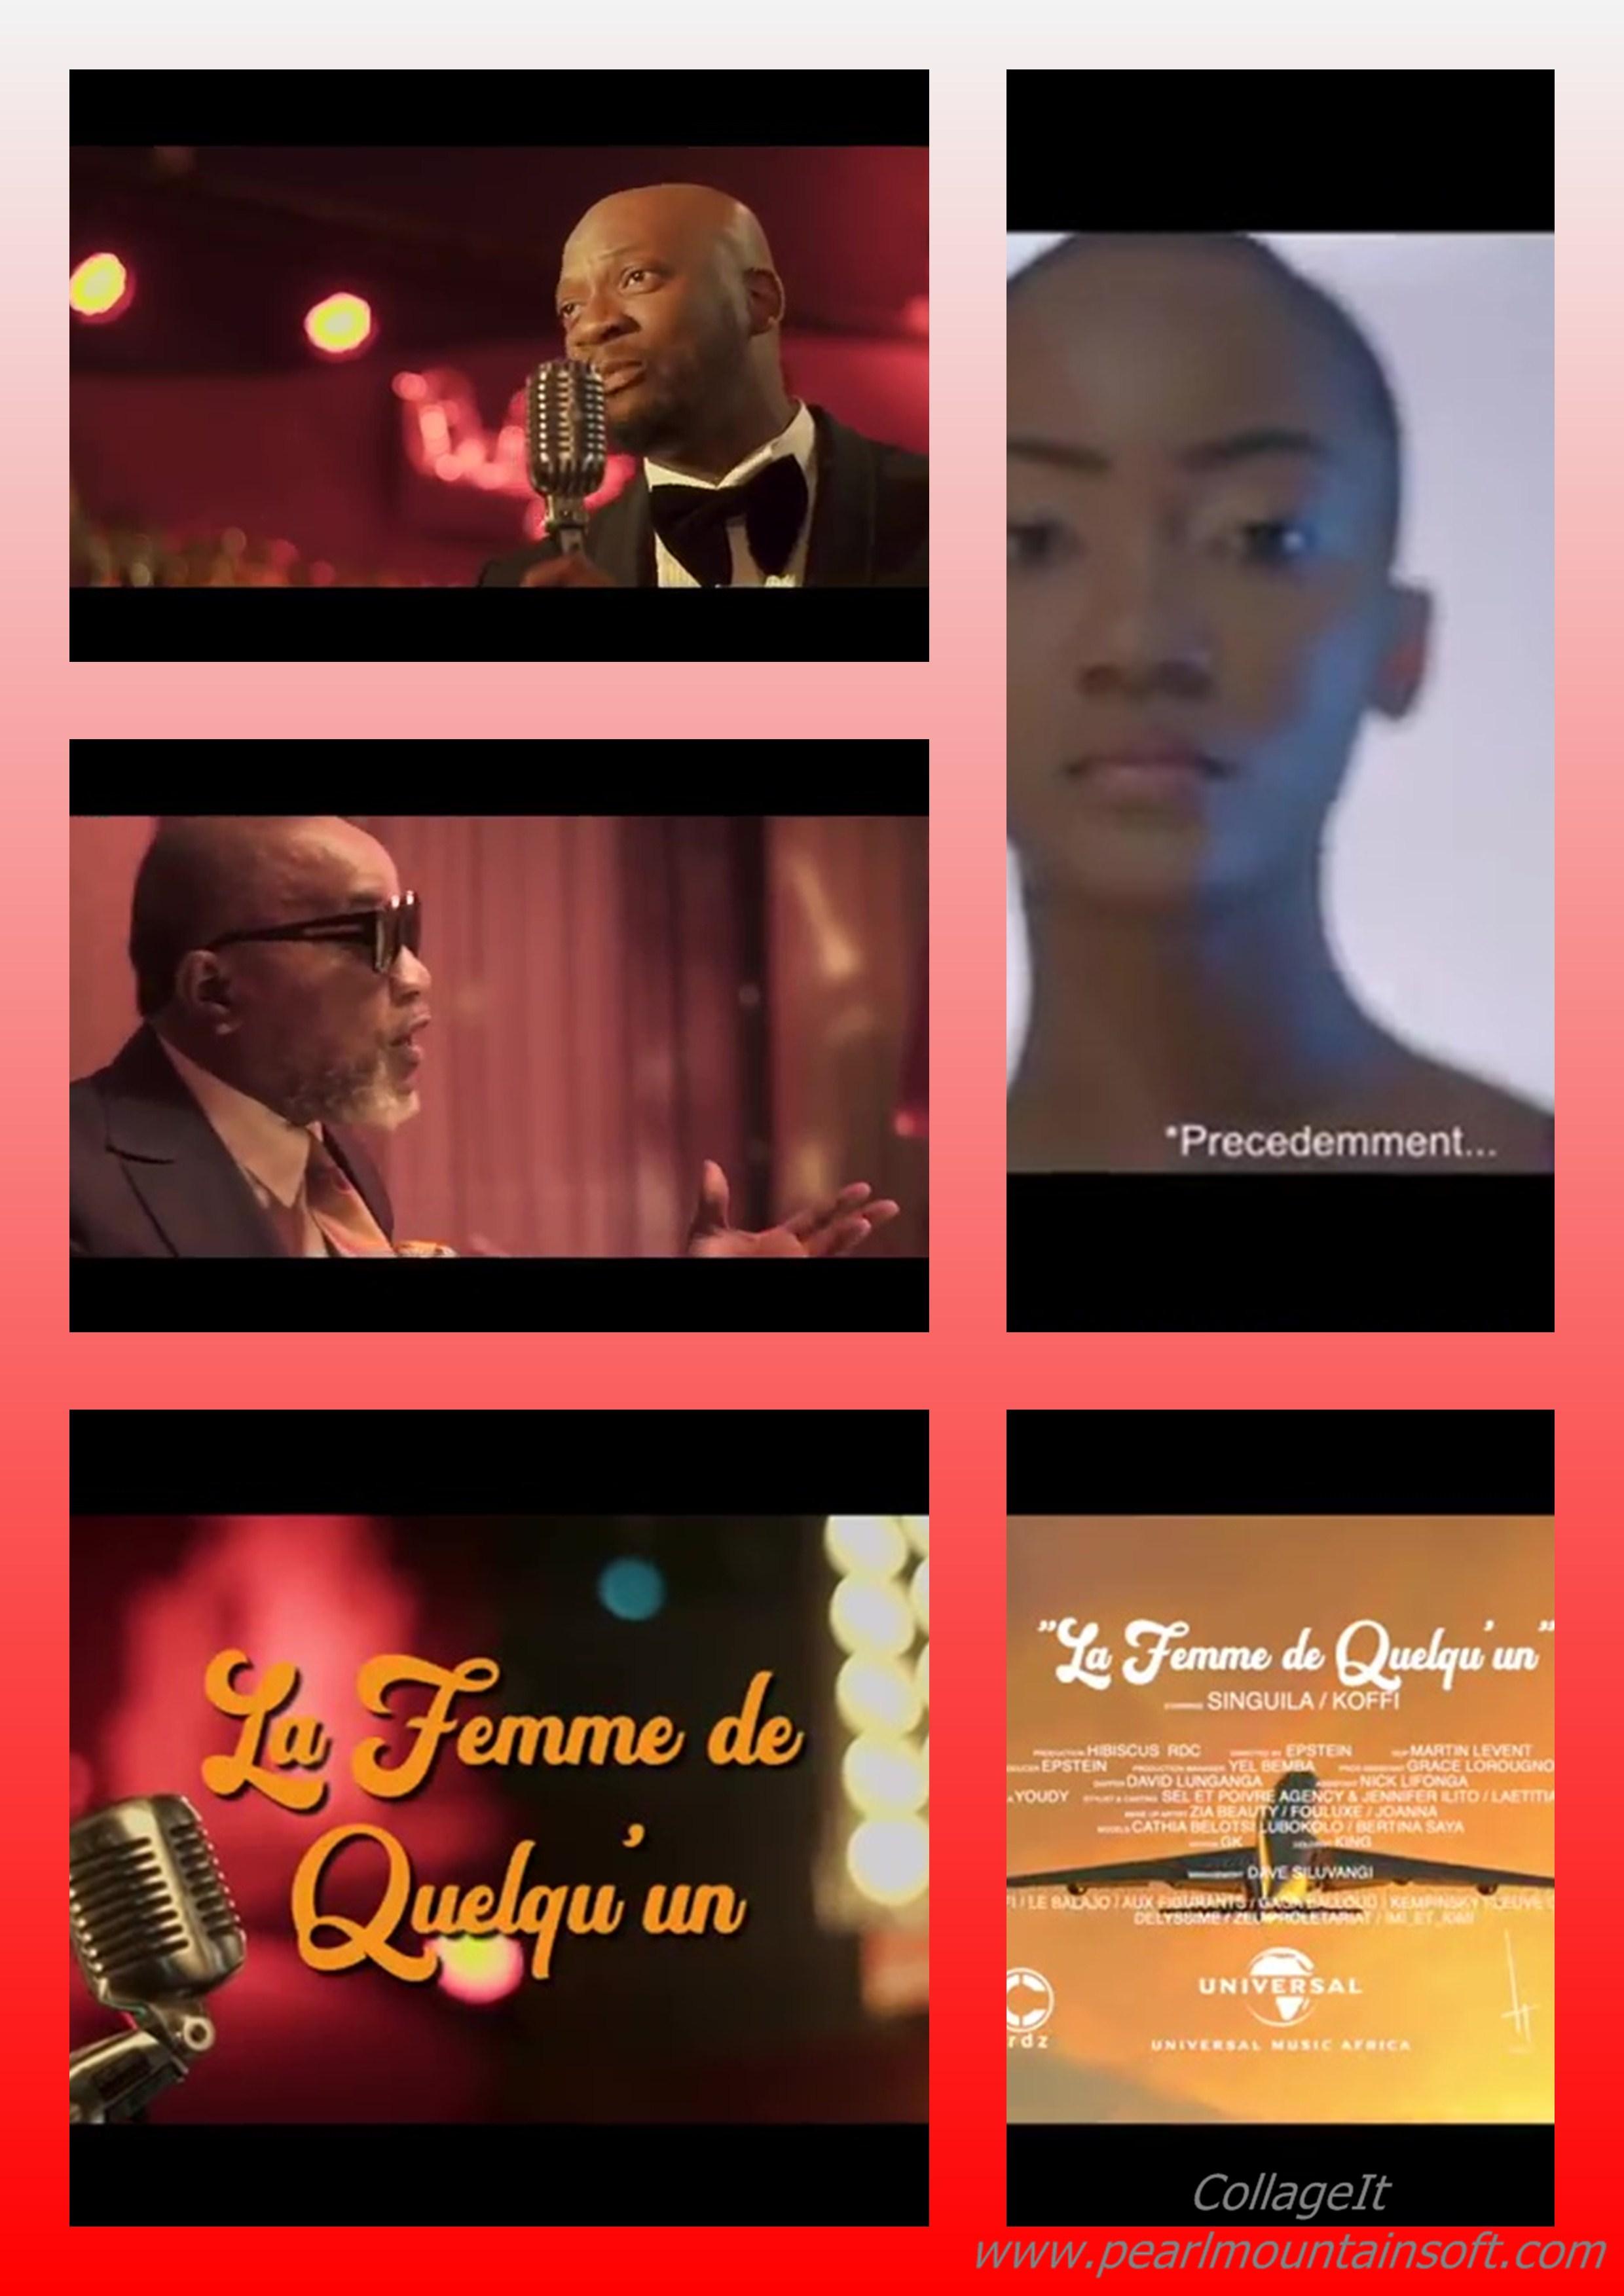 (+LYRICS+MEANING+TRANSLATION) MUSIC REVIEW: LA FEMME DE QUELQU'UN BY SINGUILLA AND KOFFI OLOMIDE